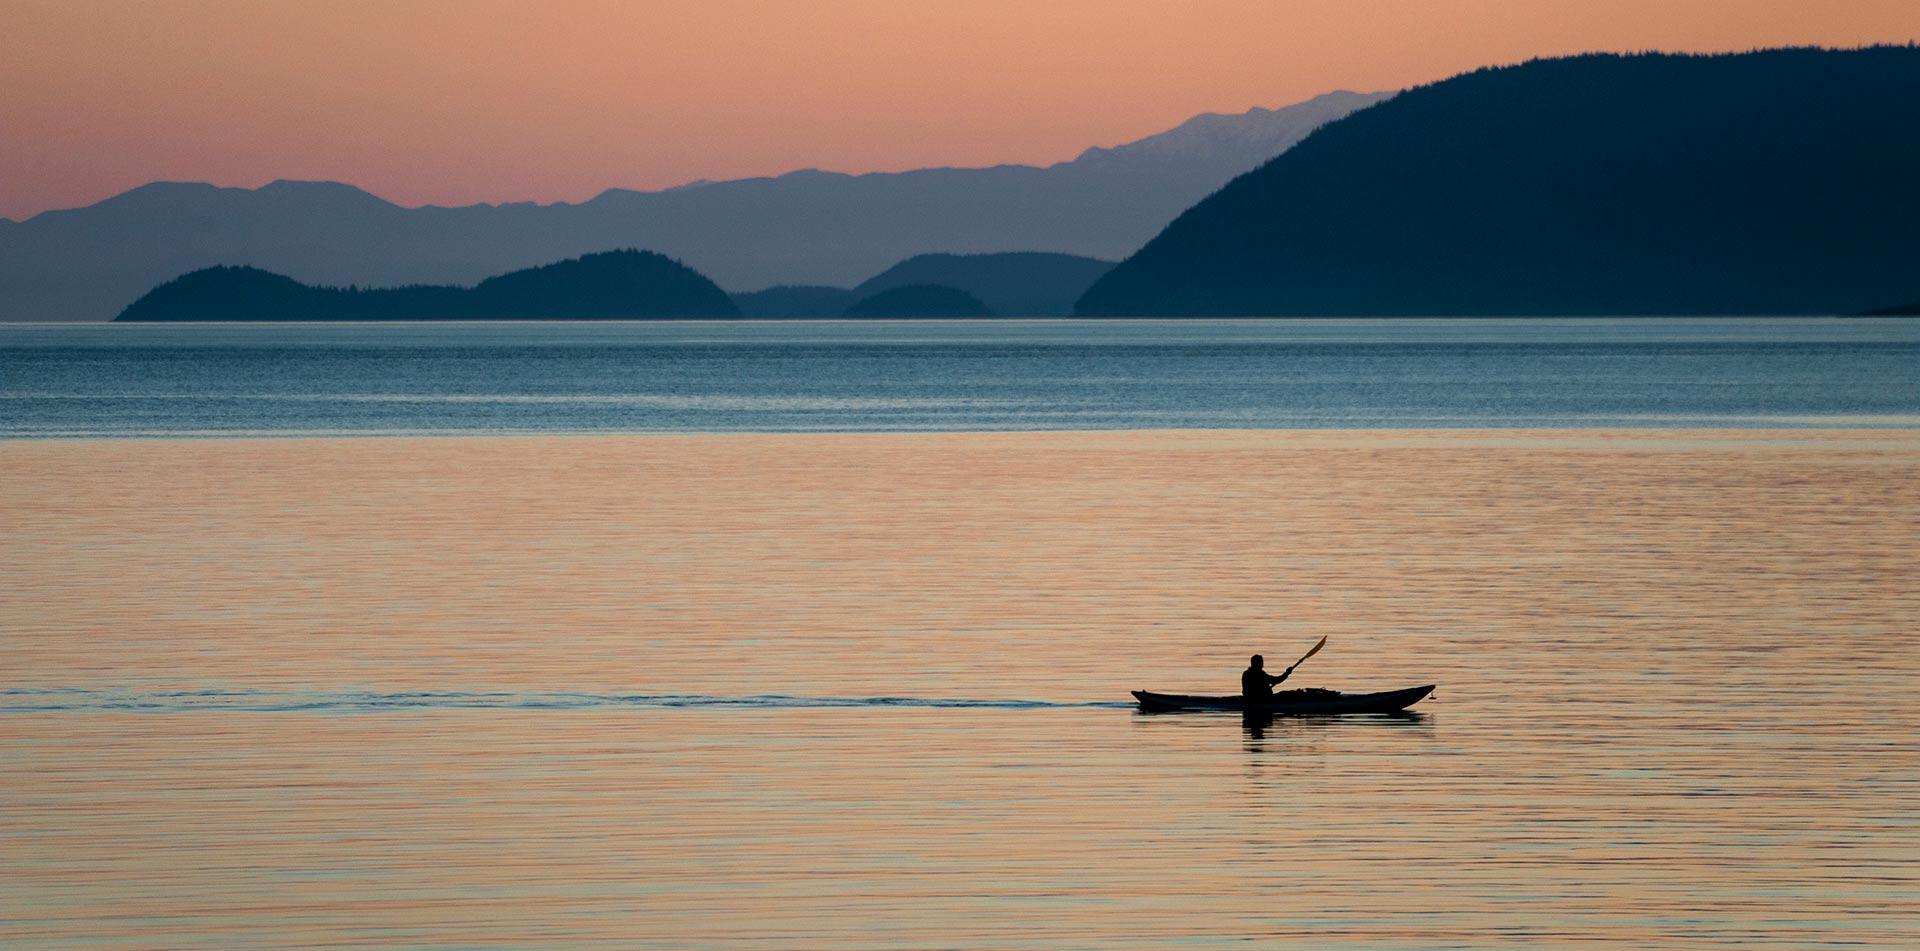 Man kayaking on water at sunset